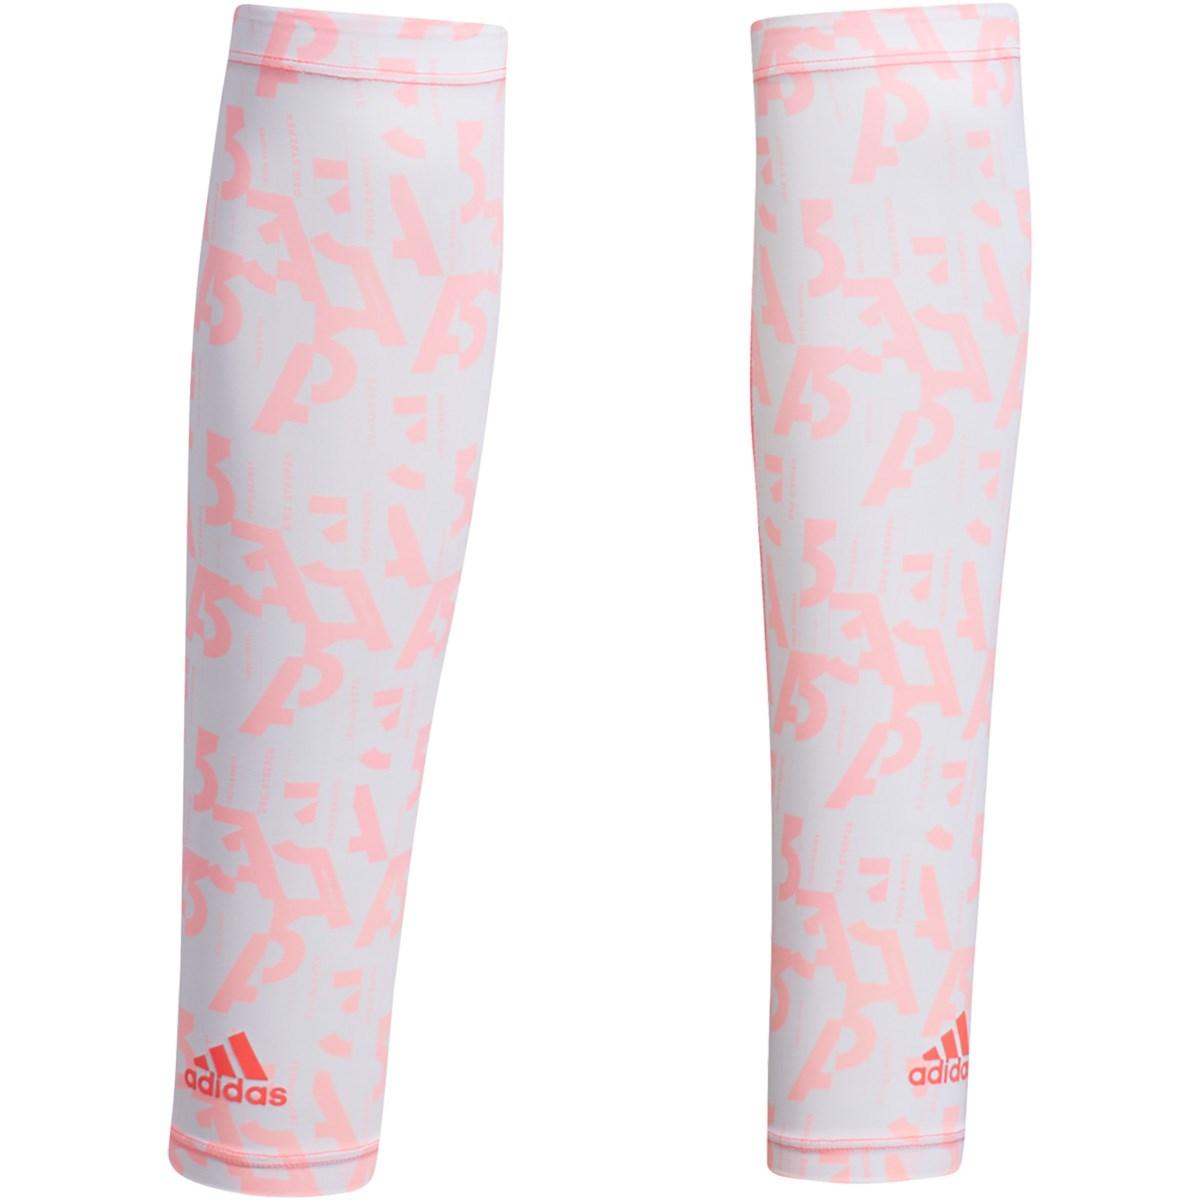 アディダス Adidas グラフィックUVアームカバー ホワイト/ライトフラッシュレッド M レディス